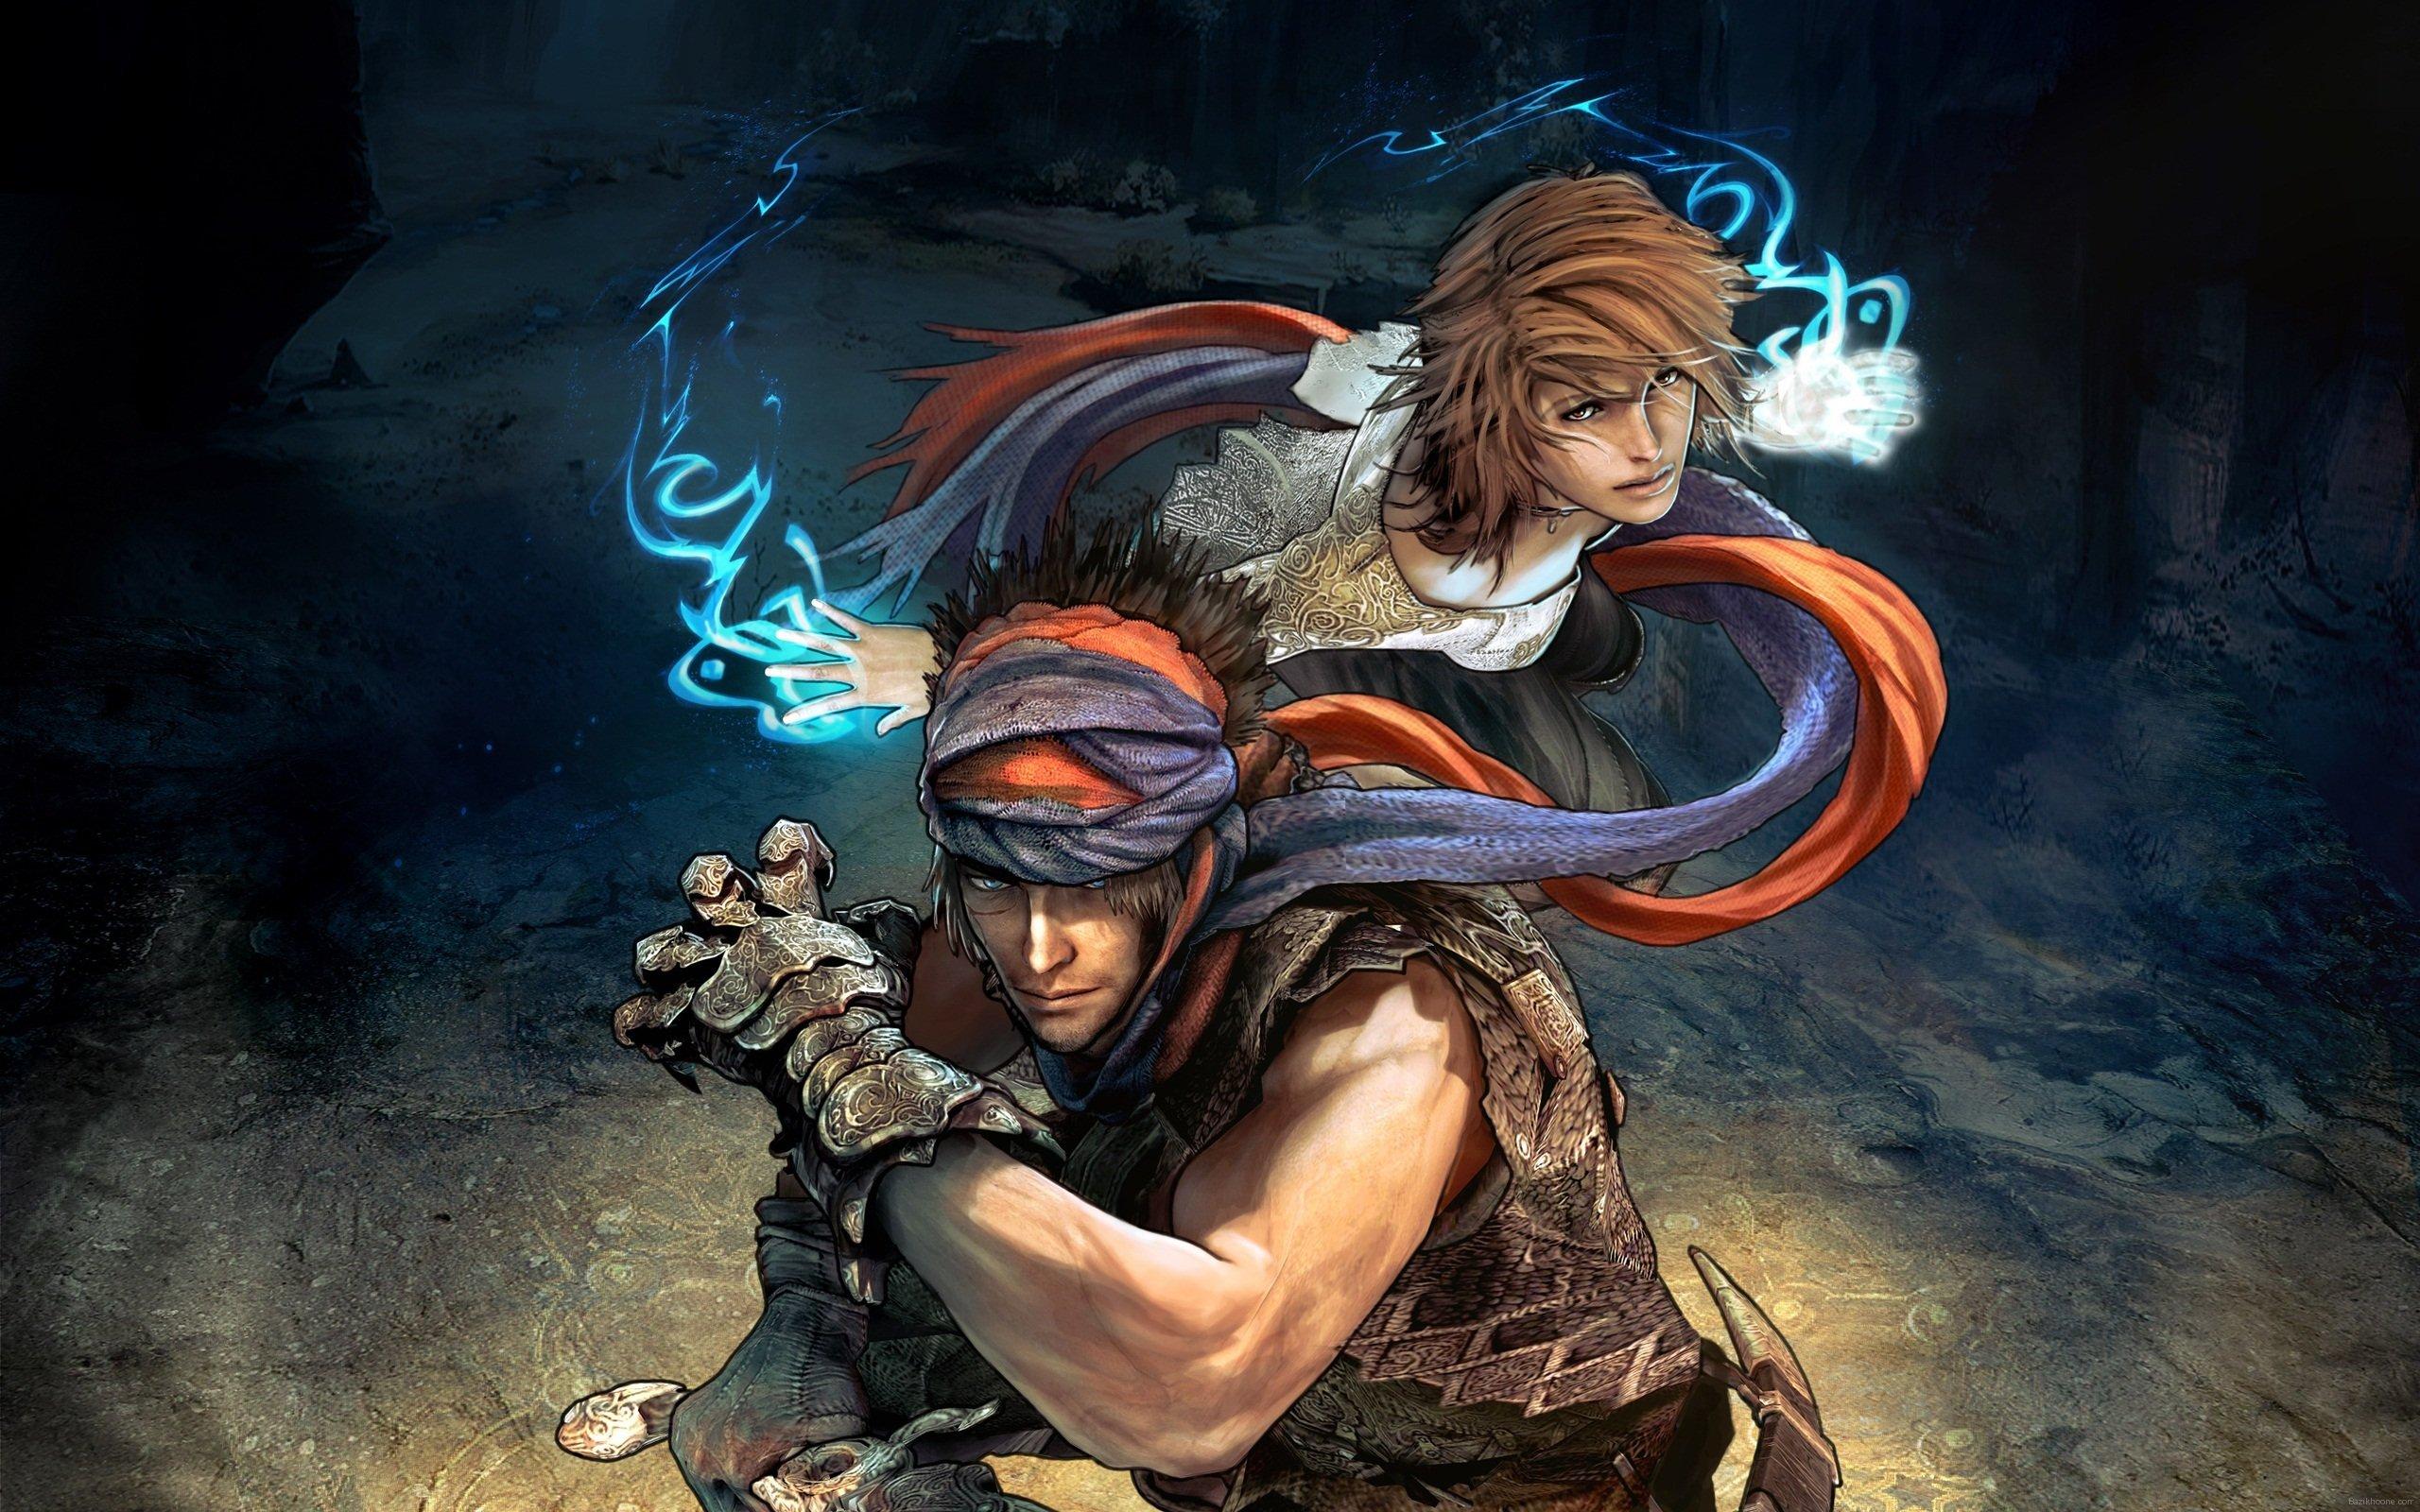 Эх, хотелось бы продолжение Prince of Persia (2008) Ведь проблема игры только в однообразии, всё остальное в ней на  ... - Изображение 1